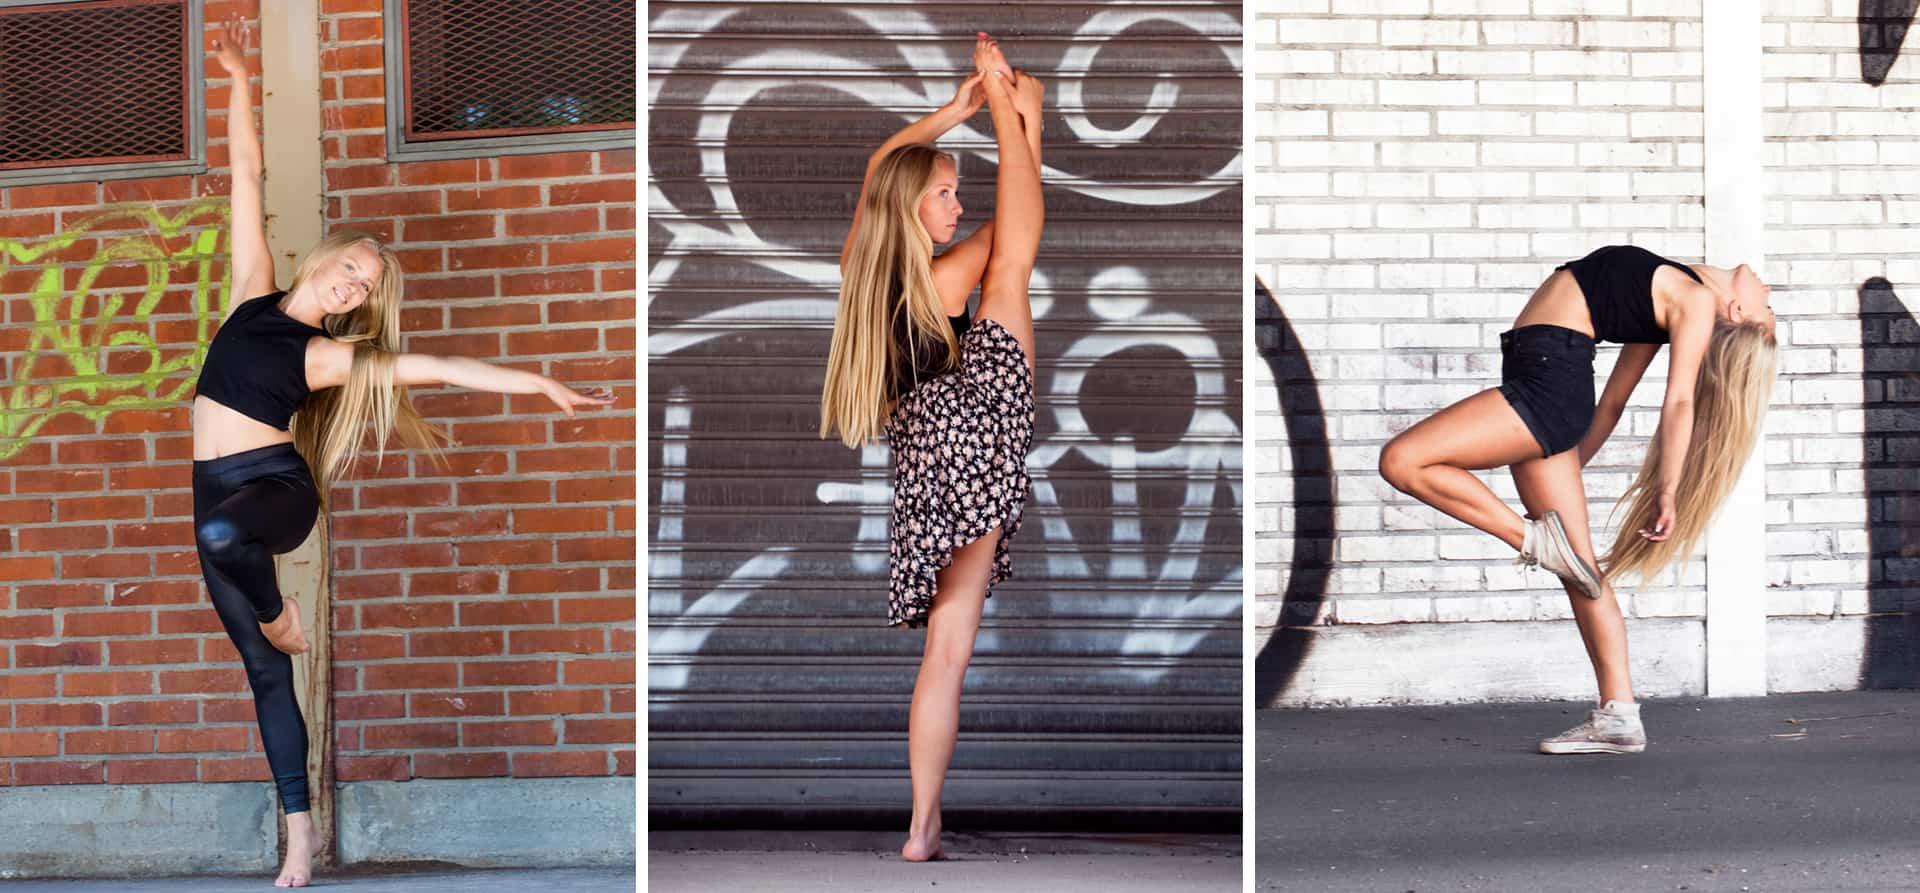 Hur förbereder man sig bäst för en dansfotografering?